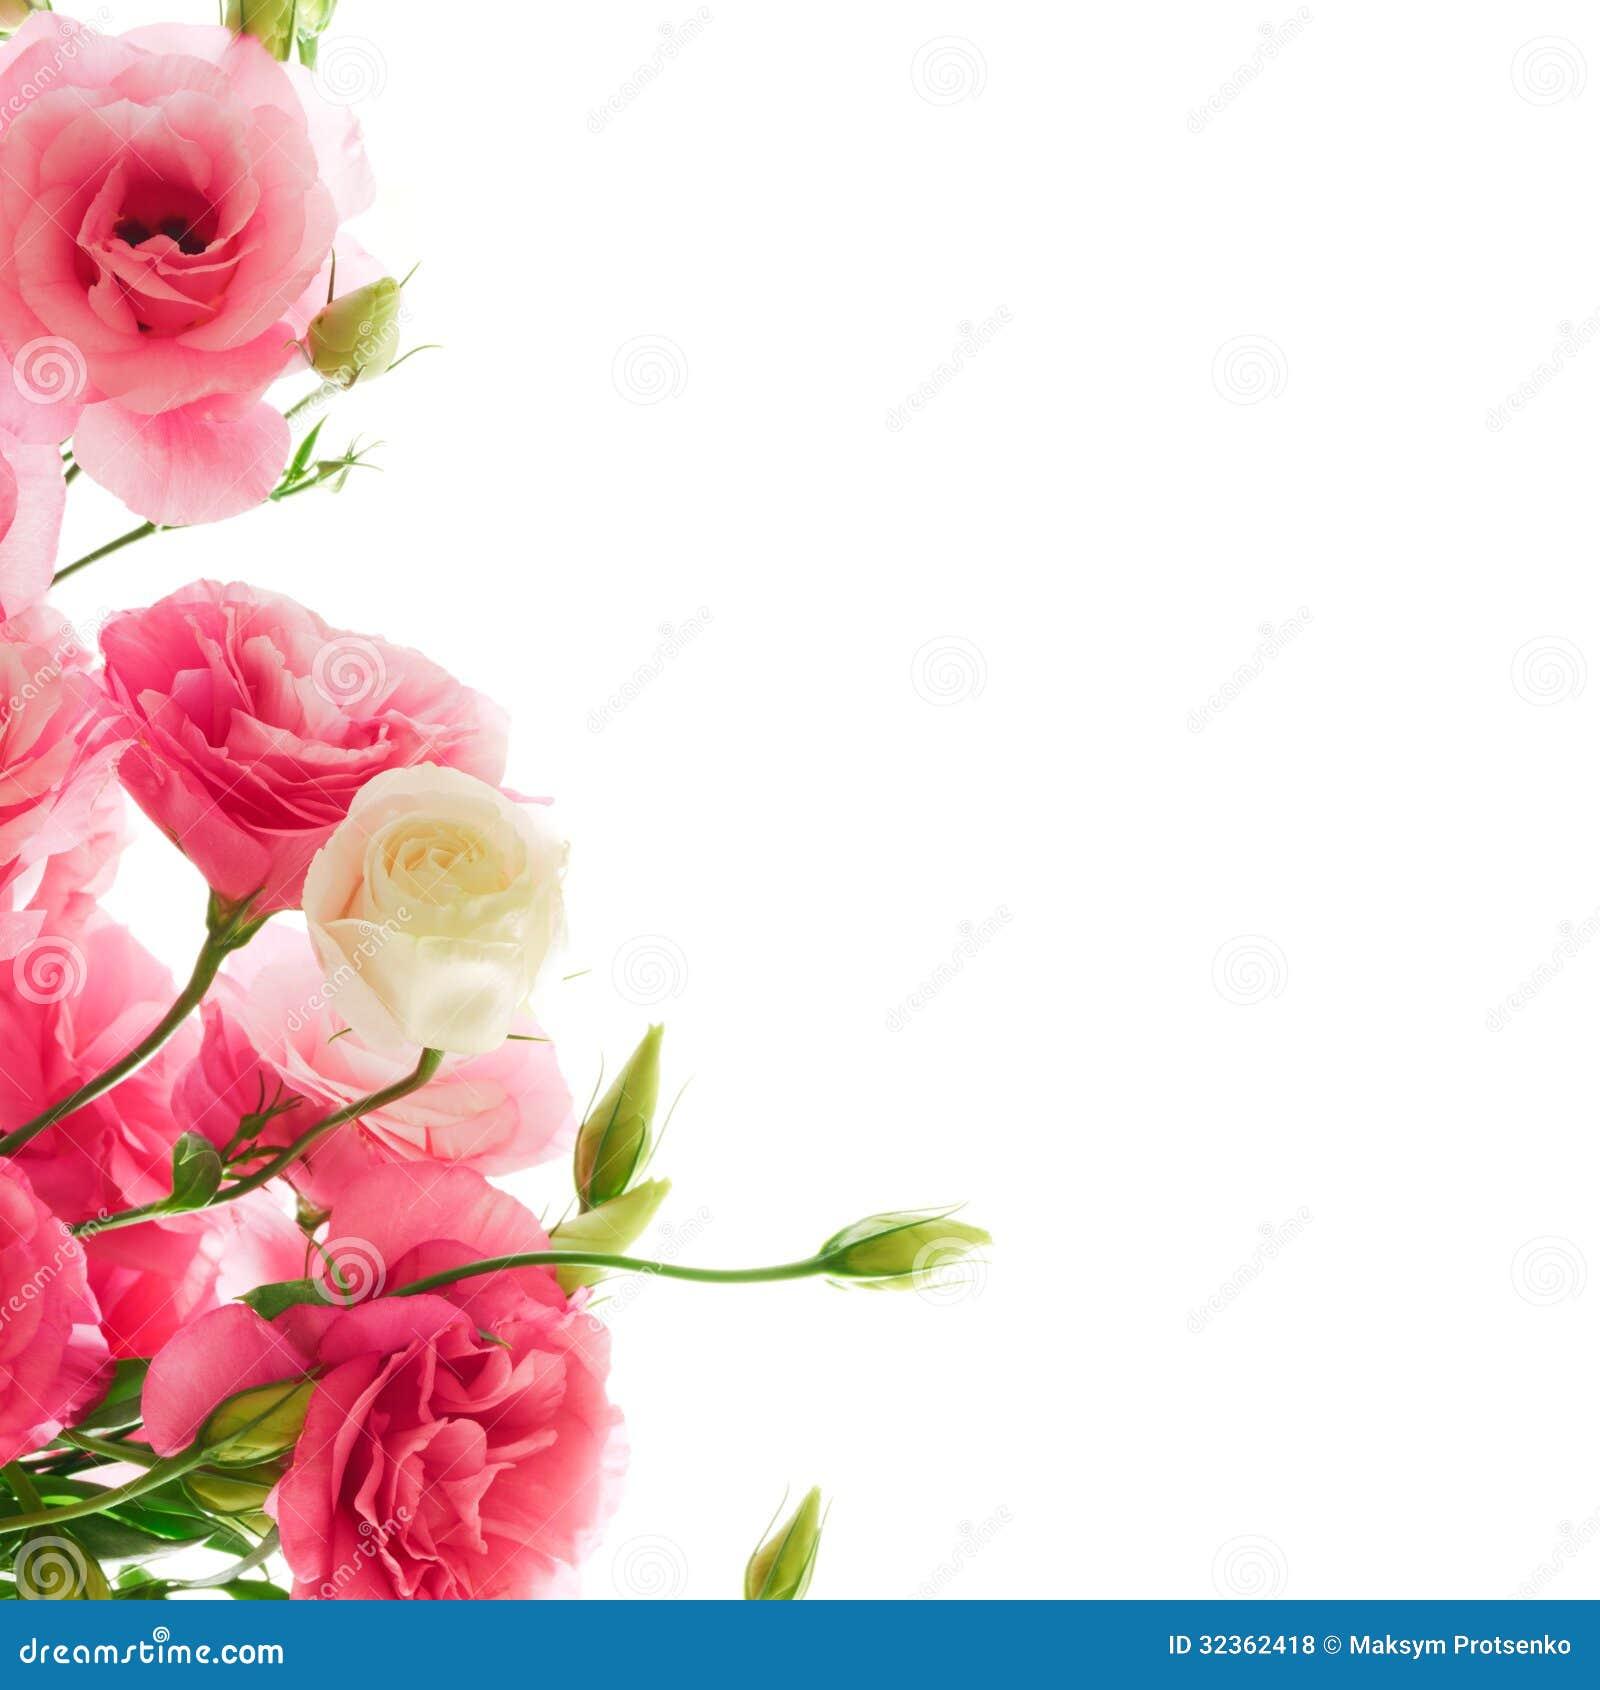 Beautiful Eustoma Flowers On The White Background Stock Photo